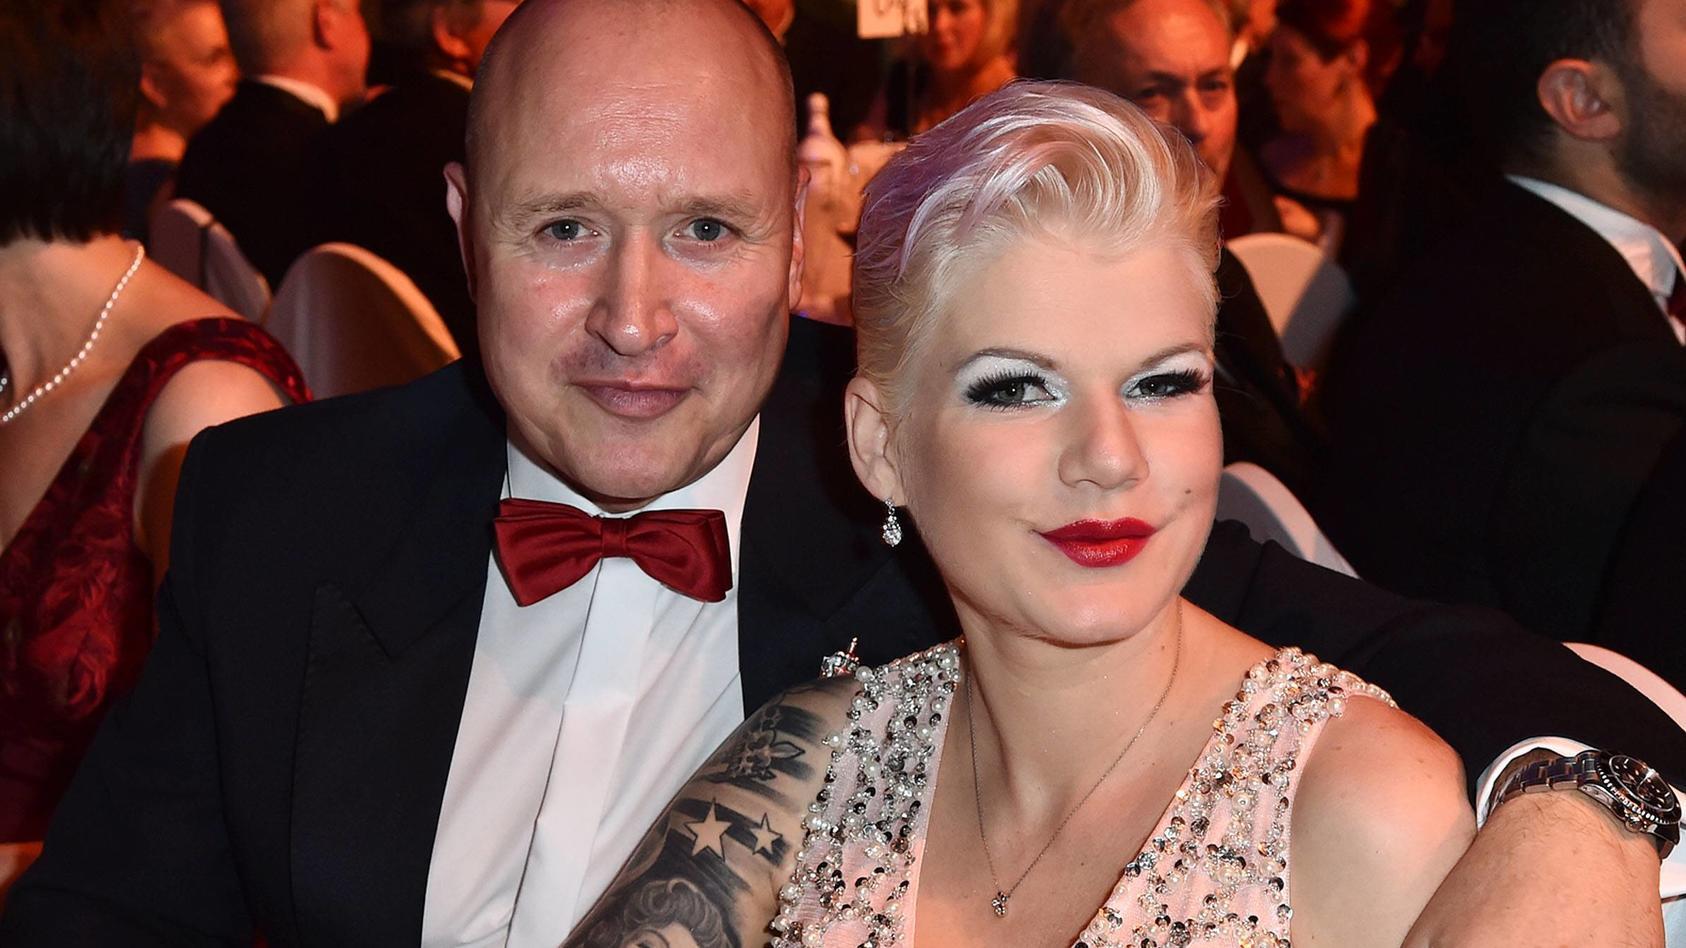 Melanie Müller und ihr Ehemann Mike Blümel beim Leipziger Opernball 2017.